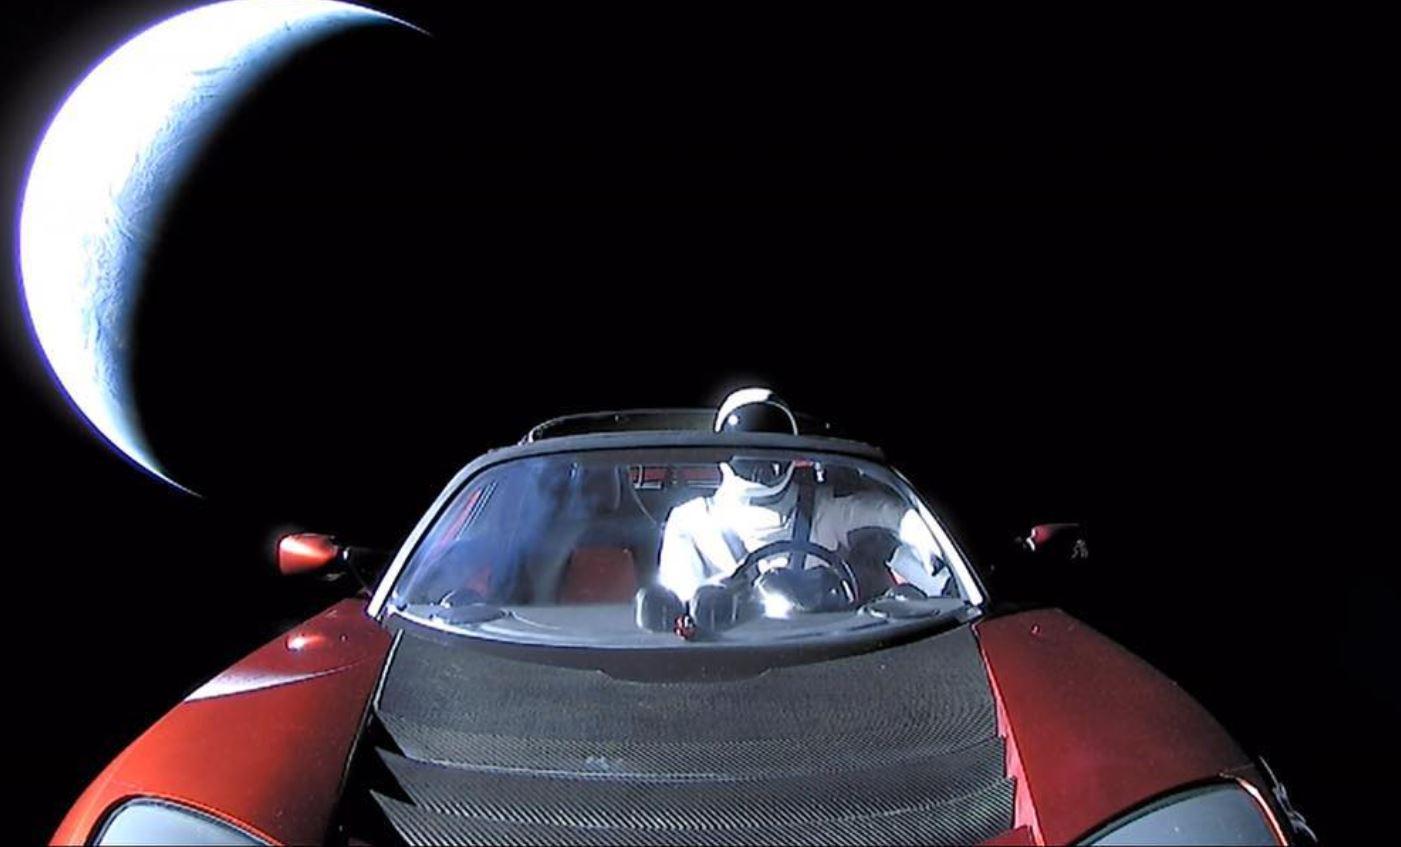 Industrialisti miliarder, fluturon veturën 250 mijë dollarëshe në hapësirë